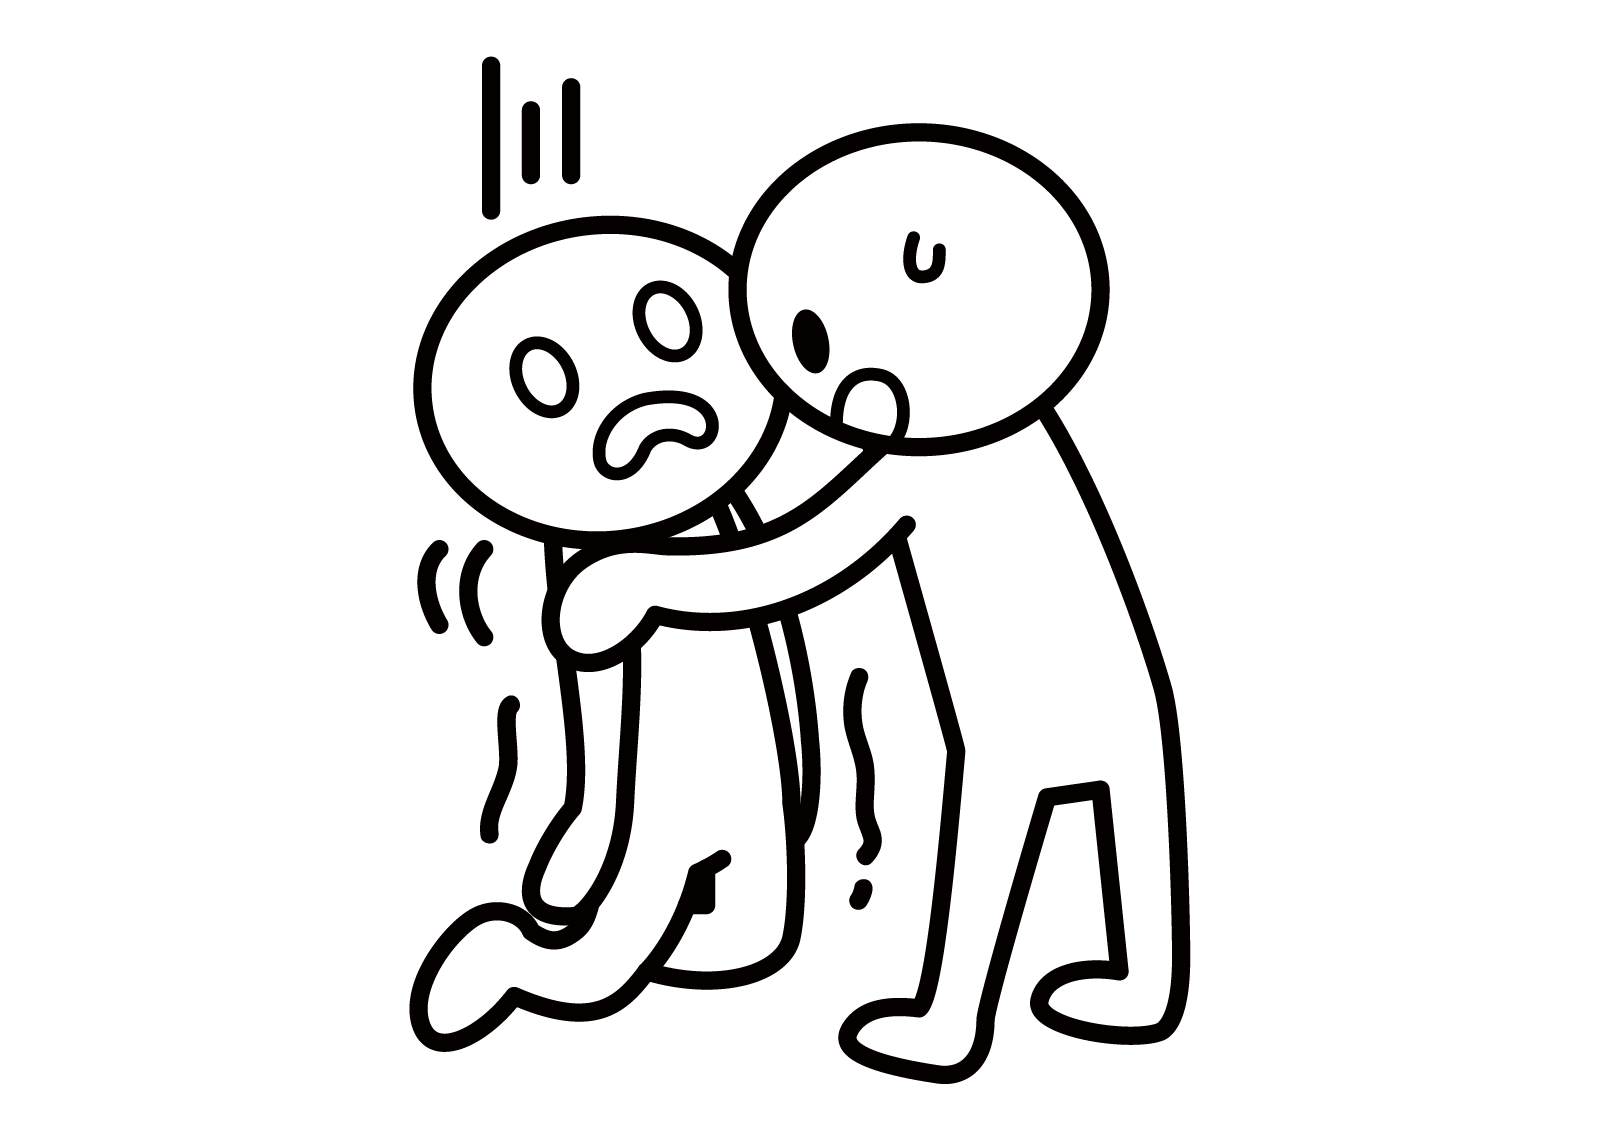 【オノマトペ】へなへなの意味と例文